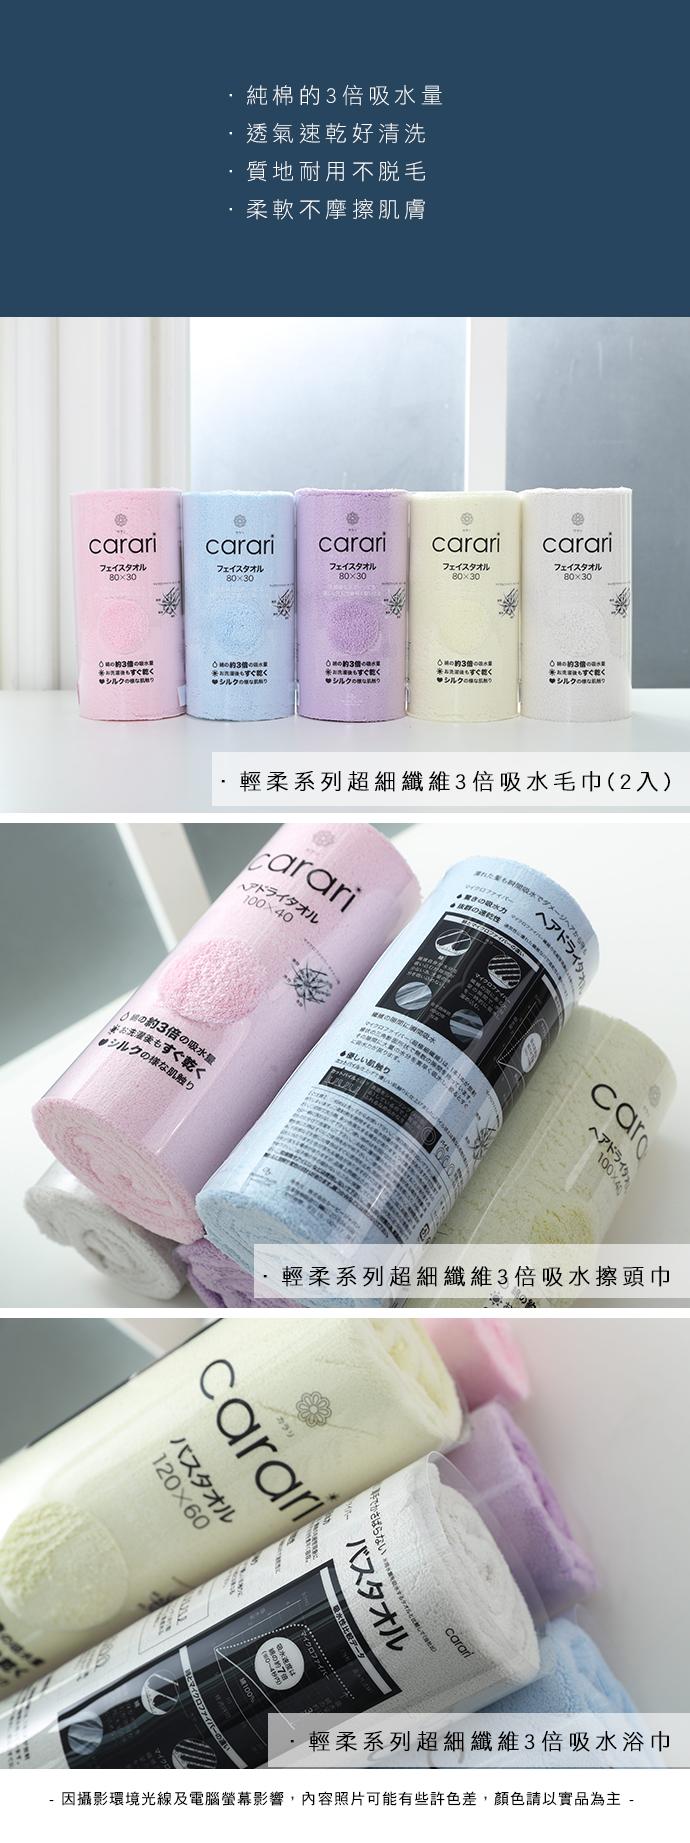 CB Japan|輕柔系列超細纖維3倍吸水浴巾 - 甜心藍